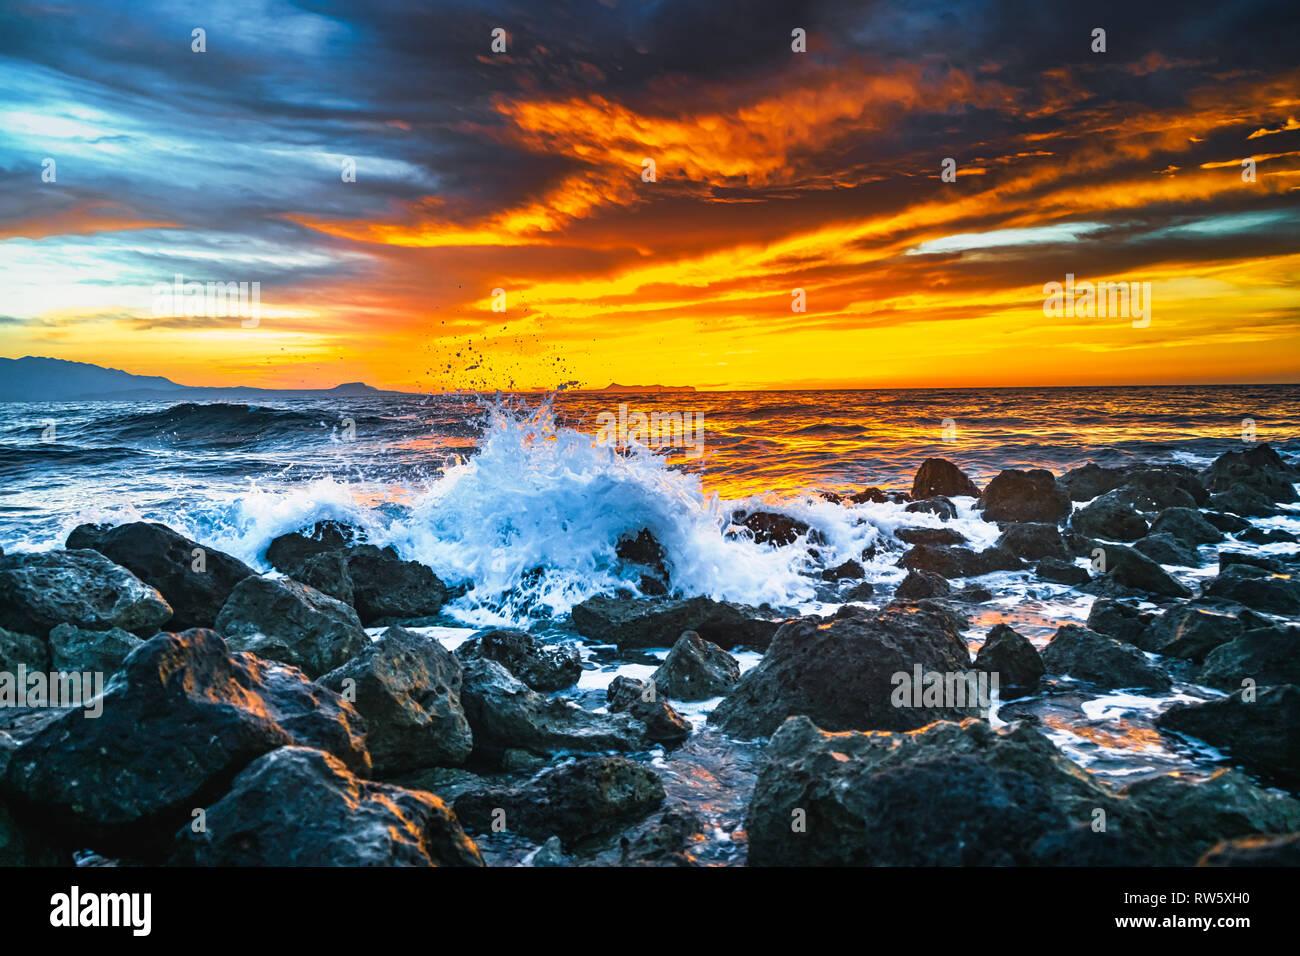 Puesta de sol brillante bajo la tormenta con olas del mar salpica Foto de stock